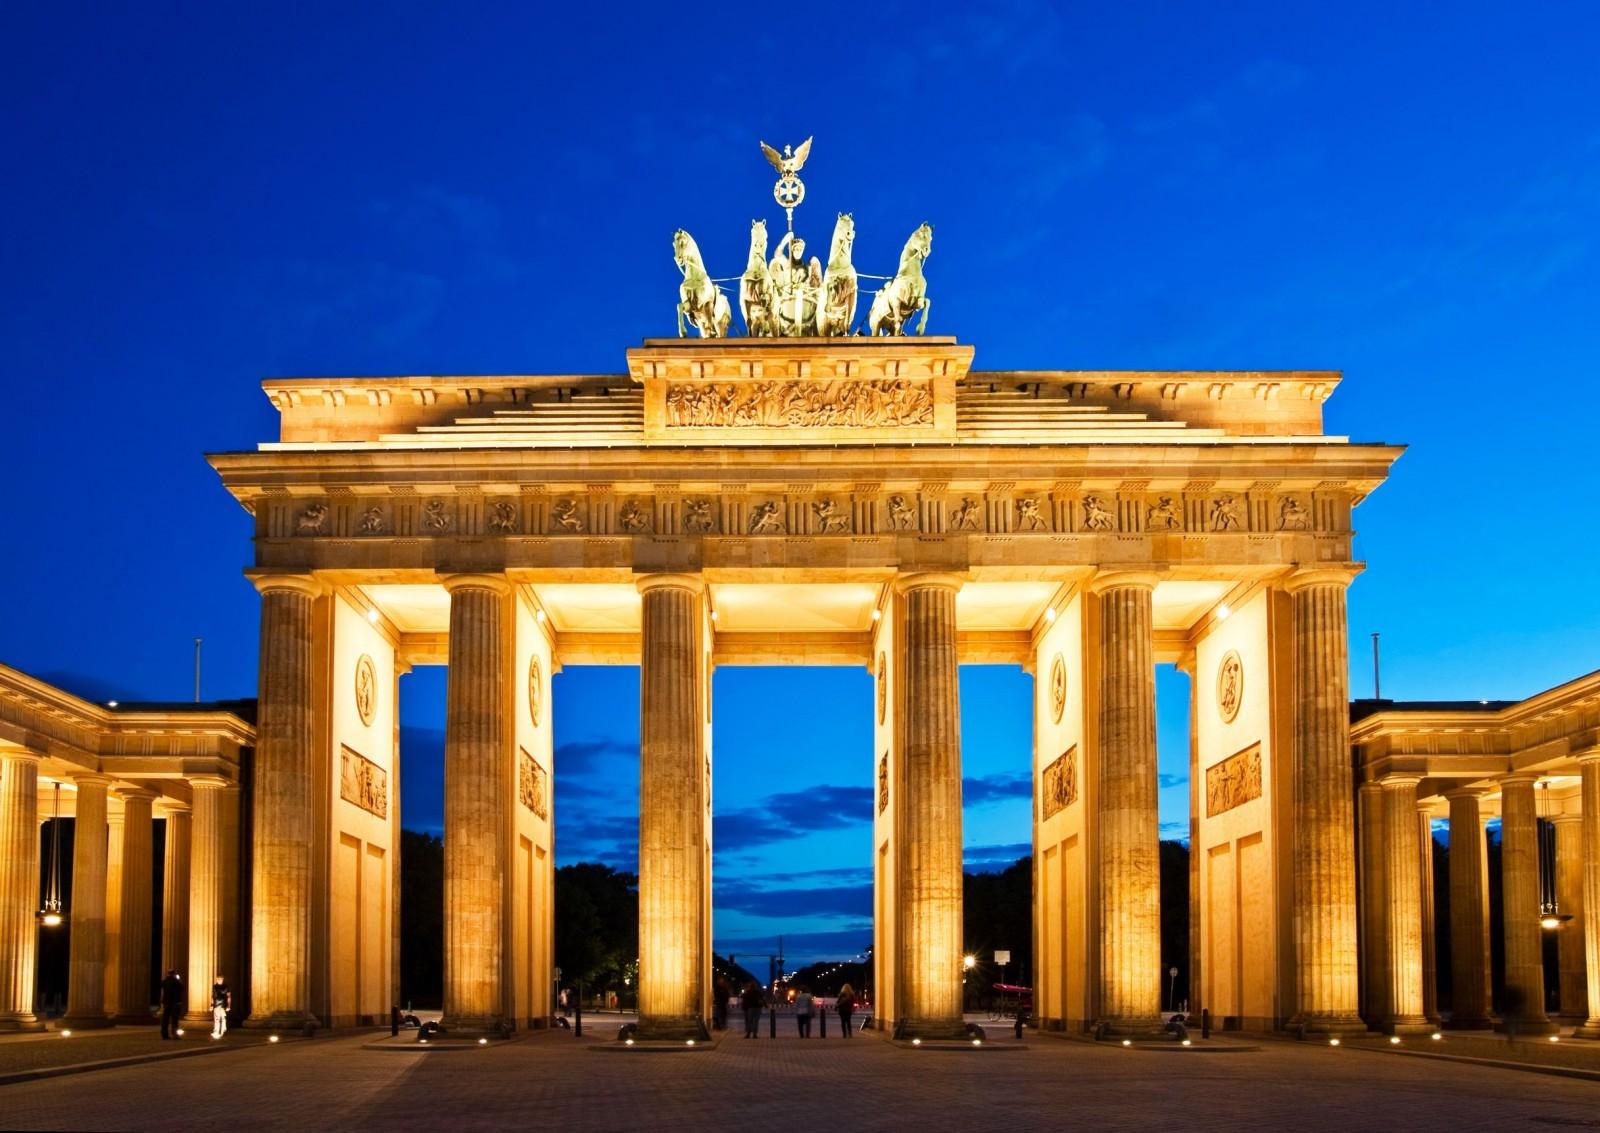 Brandenburg Gate Pictures Location of Brandenburg Gate